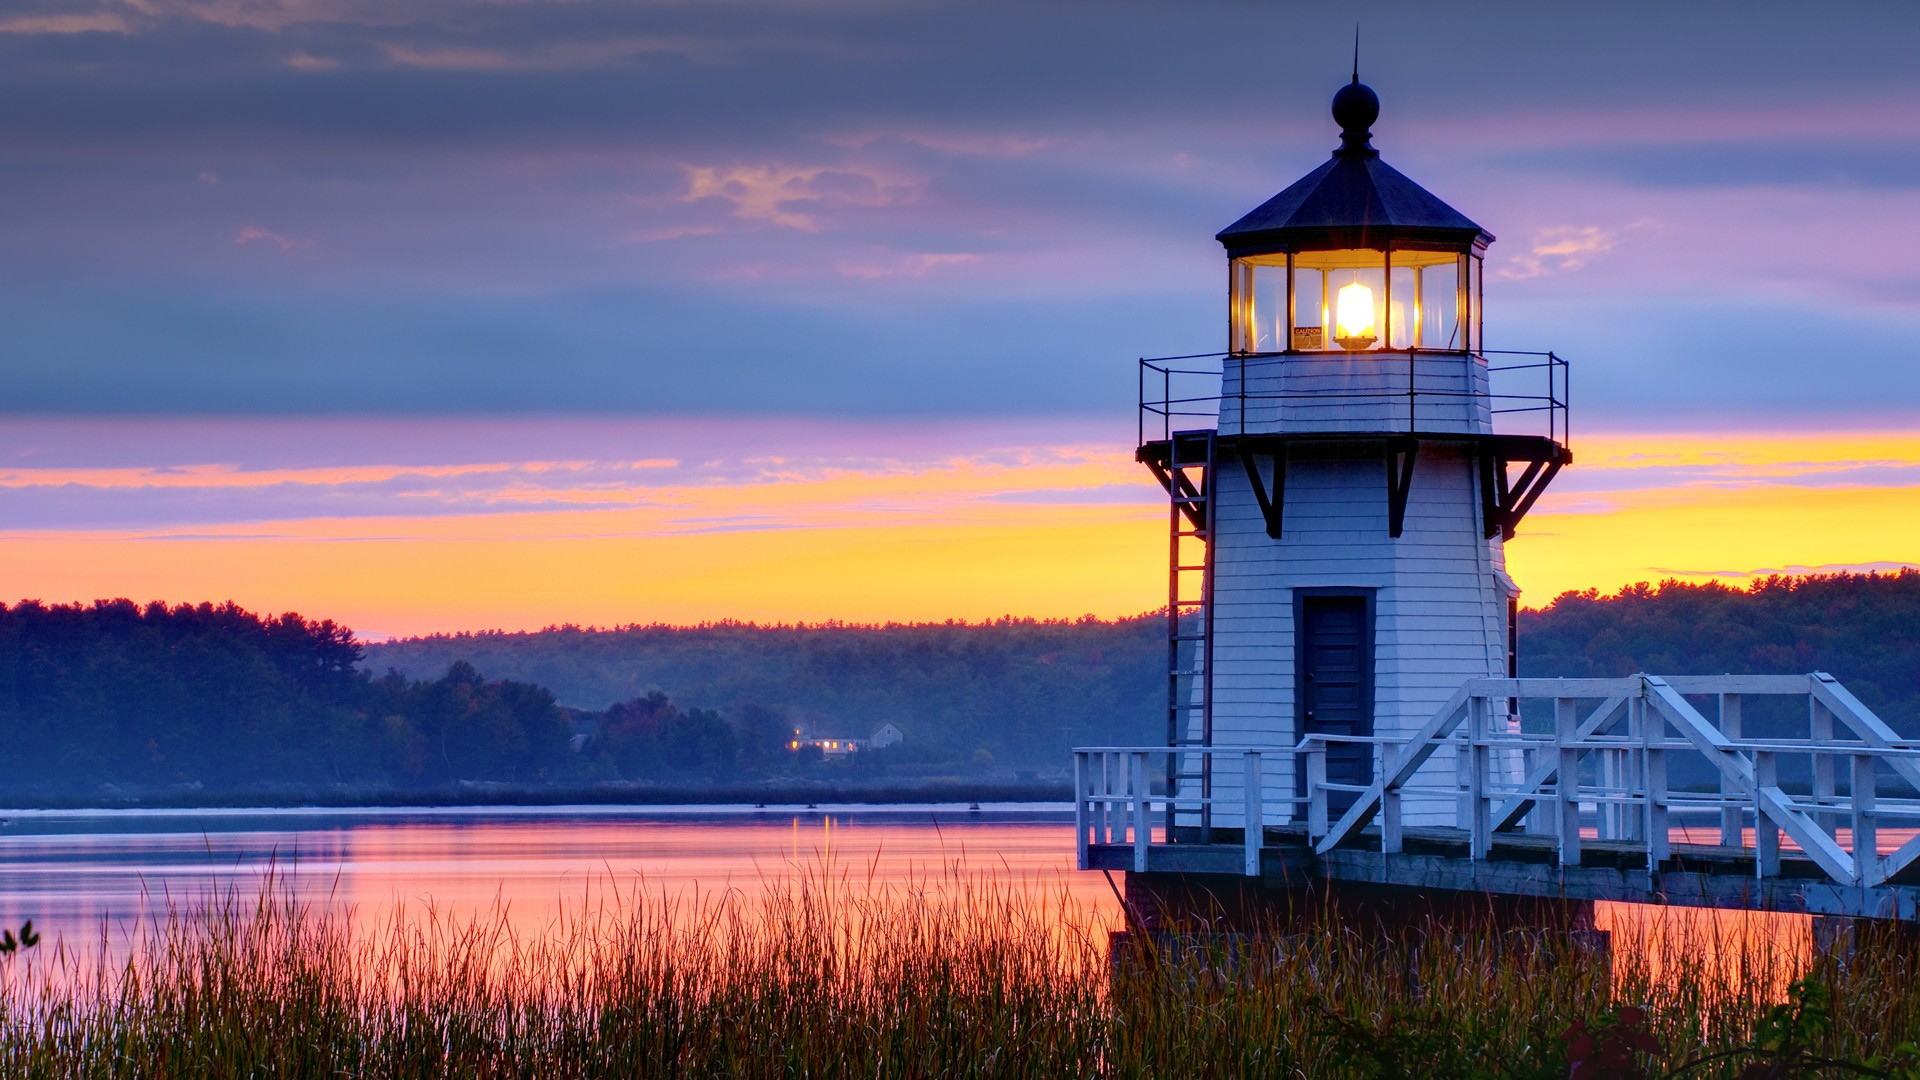 lighthouse desktop wallpaper 7900 - photo #13